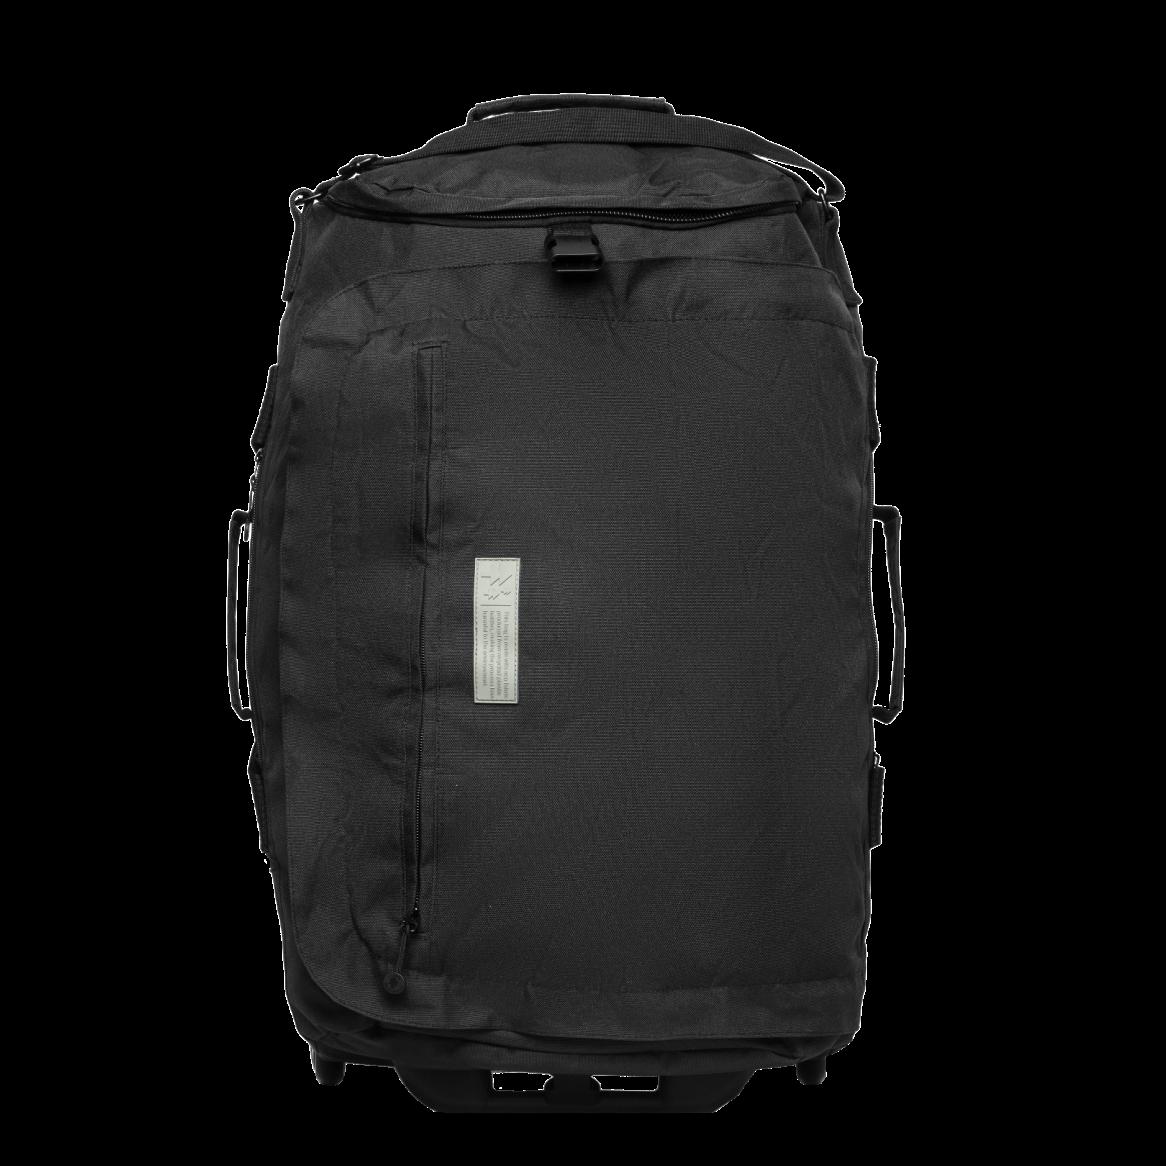 Foto de ECO maleta foldable negra